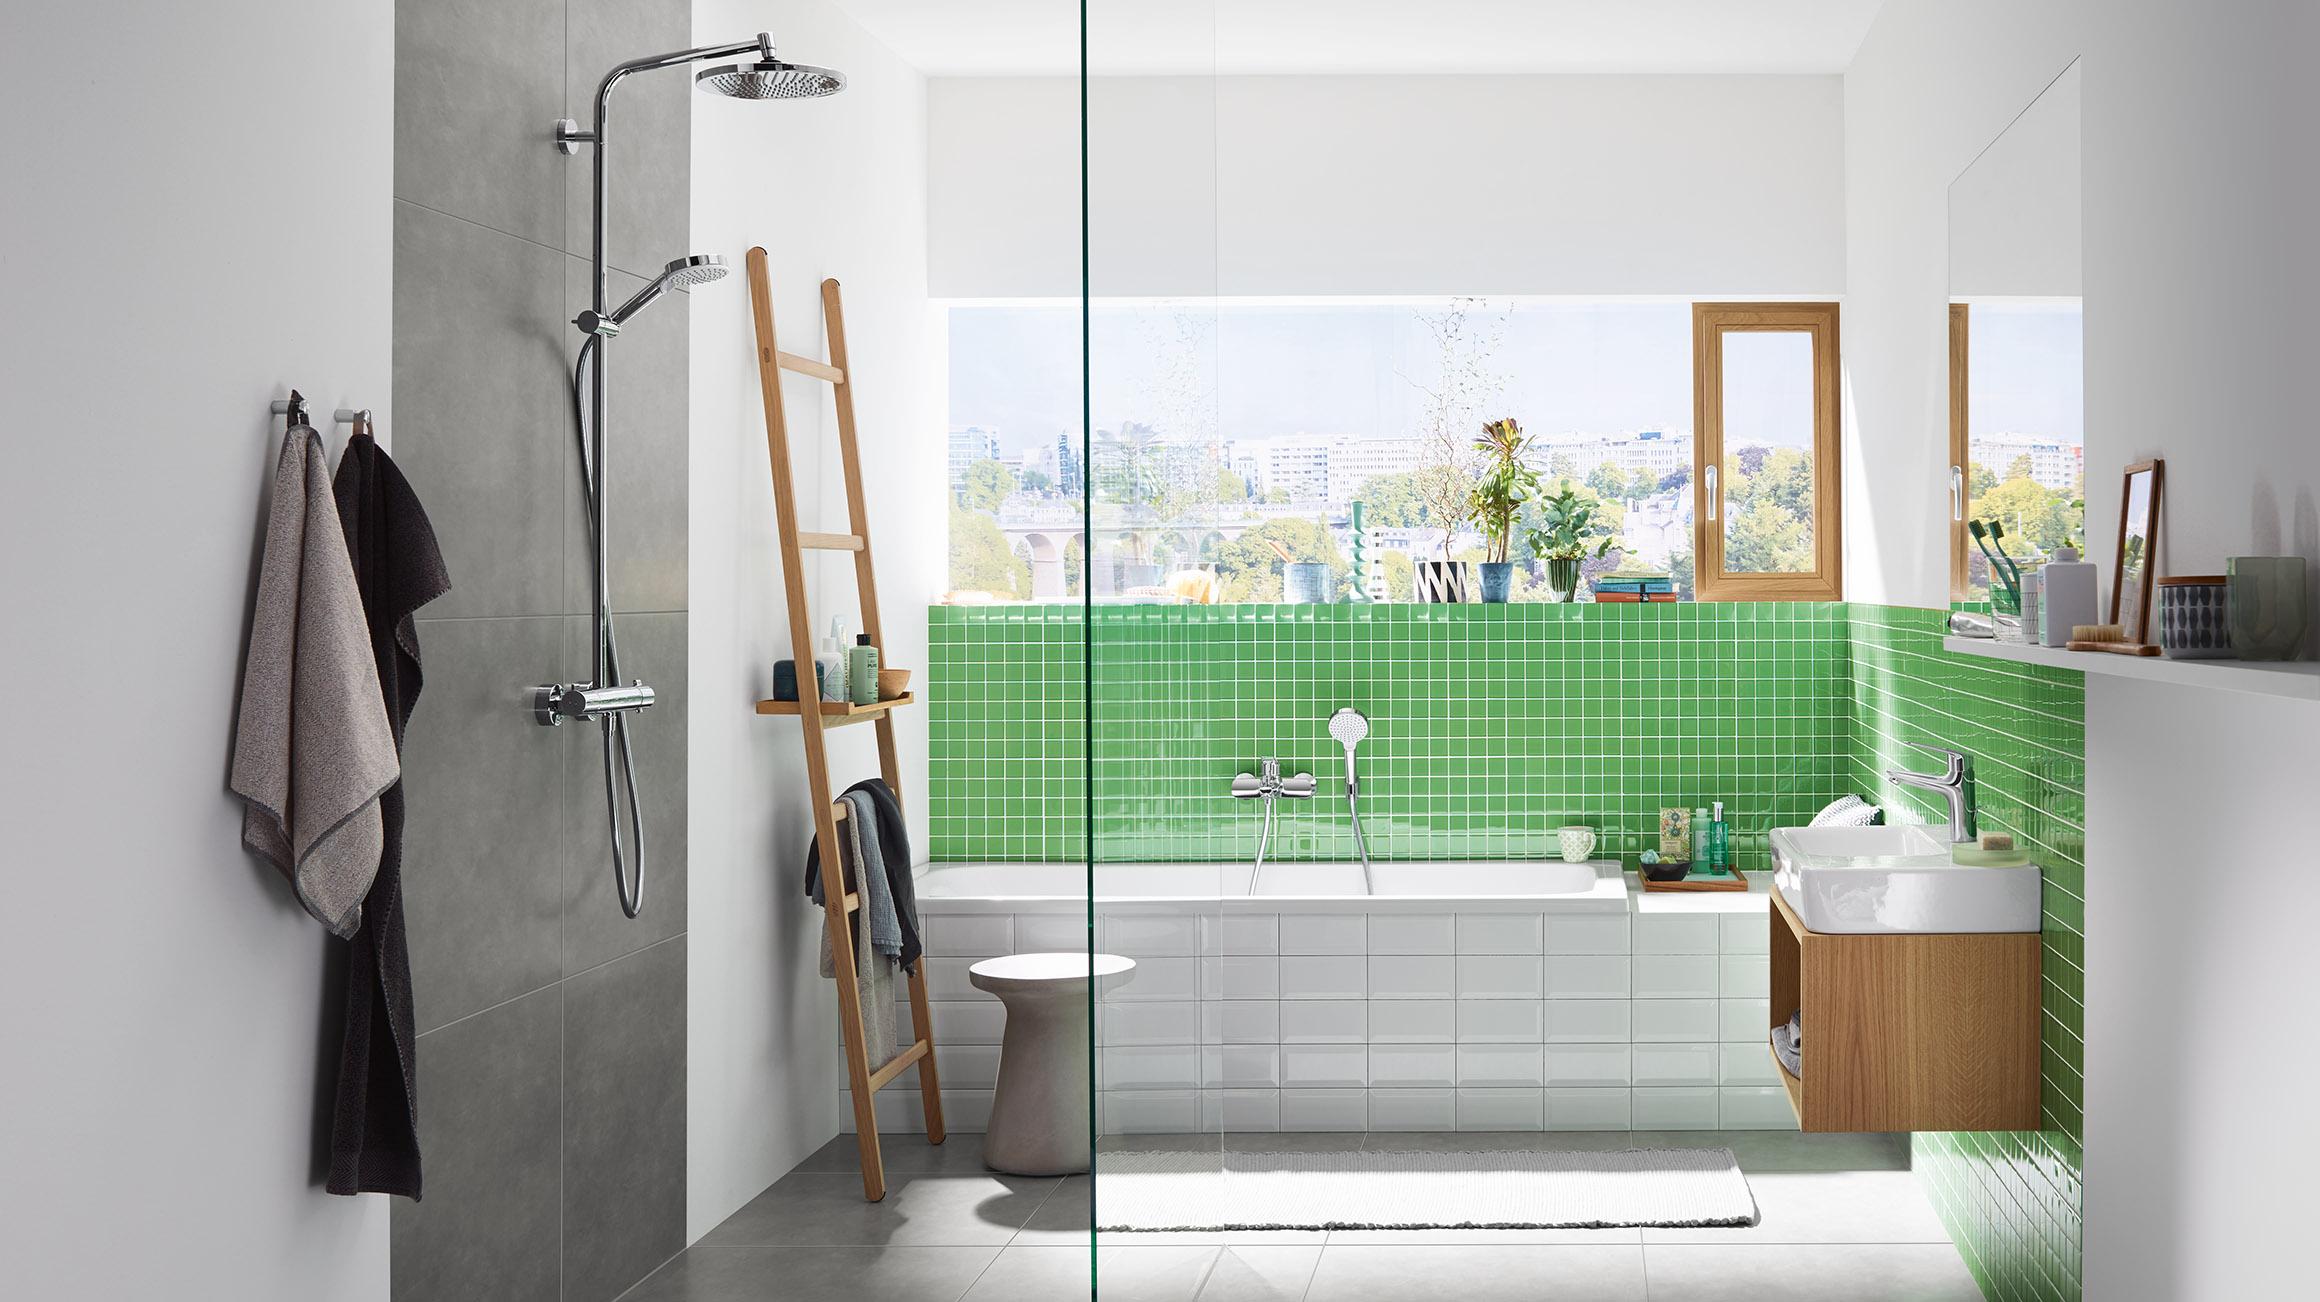 Spa Badkamer Ontwerp : De eerste eigen badkamer inrichten u met een fris interieur